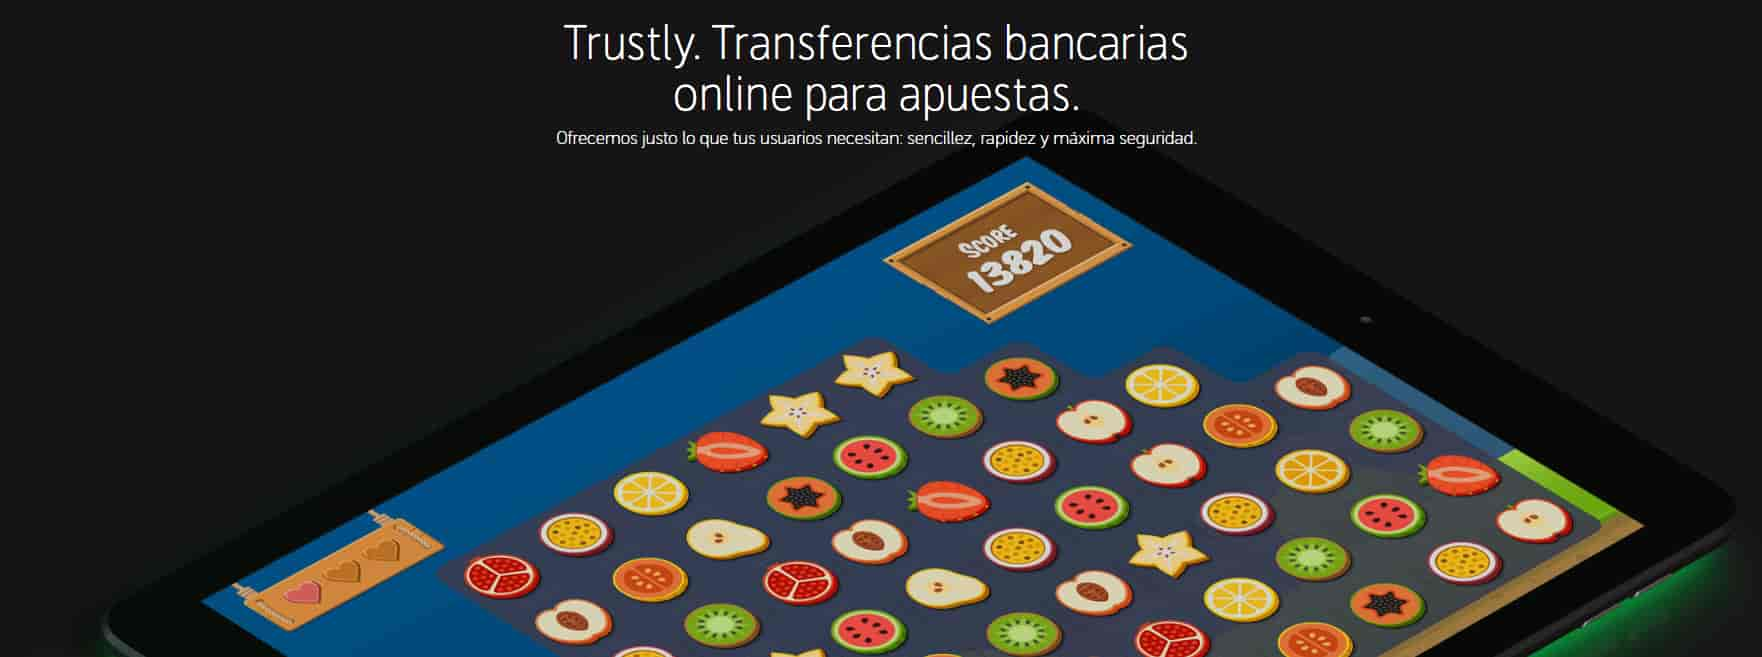 trustly-mejores-casinos-espana